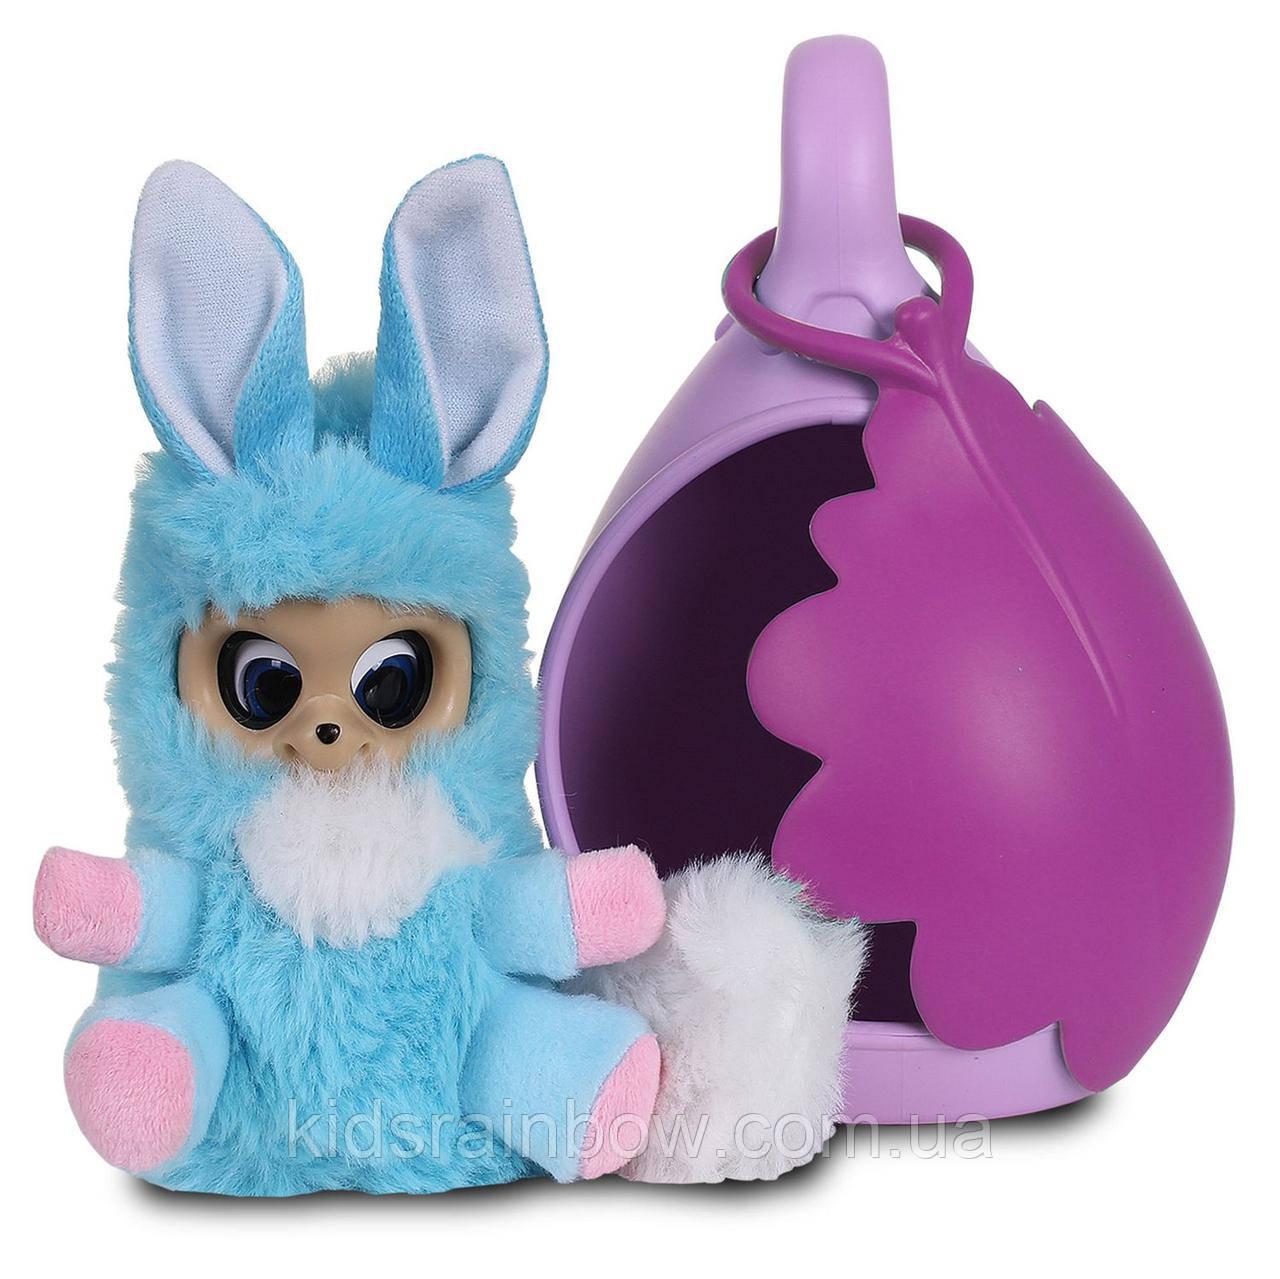 Игрушка меховой младенец Адеро, со спальным коконом Royal Pod Bush baby world